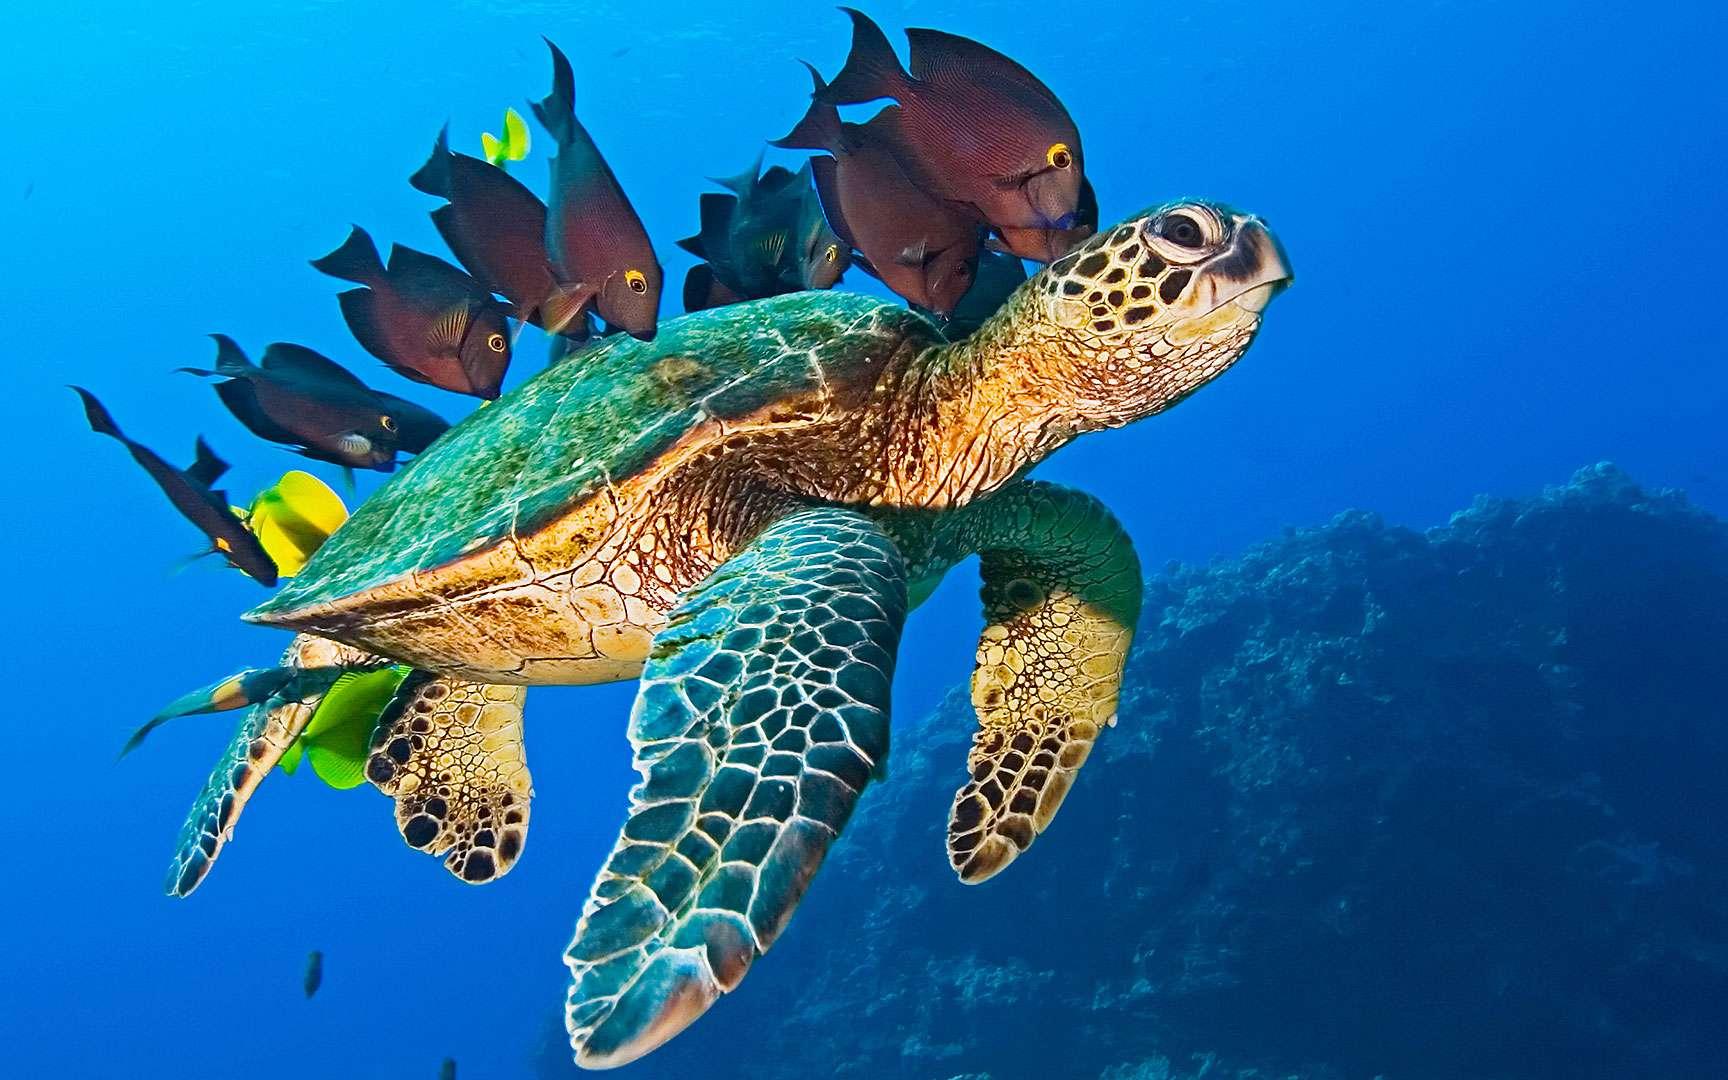 Une tortue de mer accompagnée de poissons. Cette tortue de mer est en bonne compagnie. © 3D Entertainment /Sarah Cima